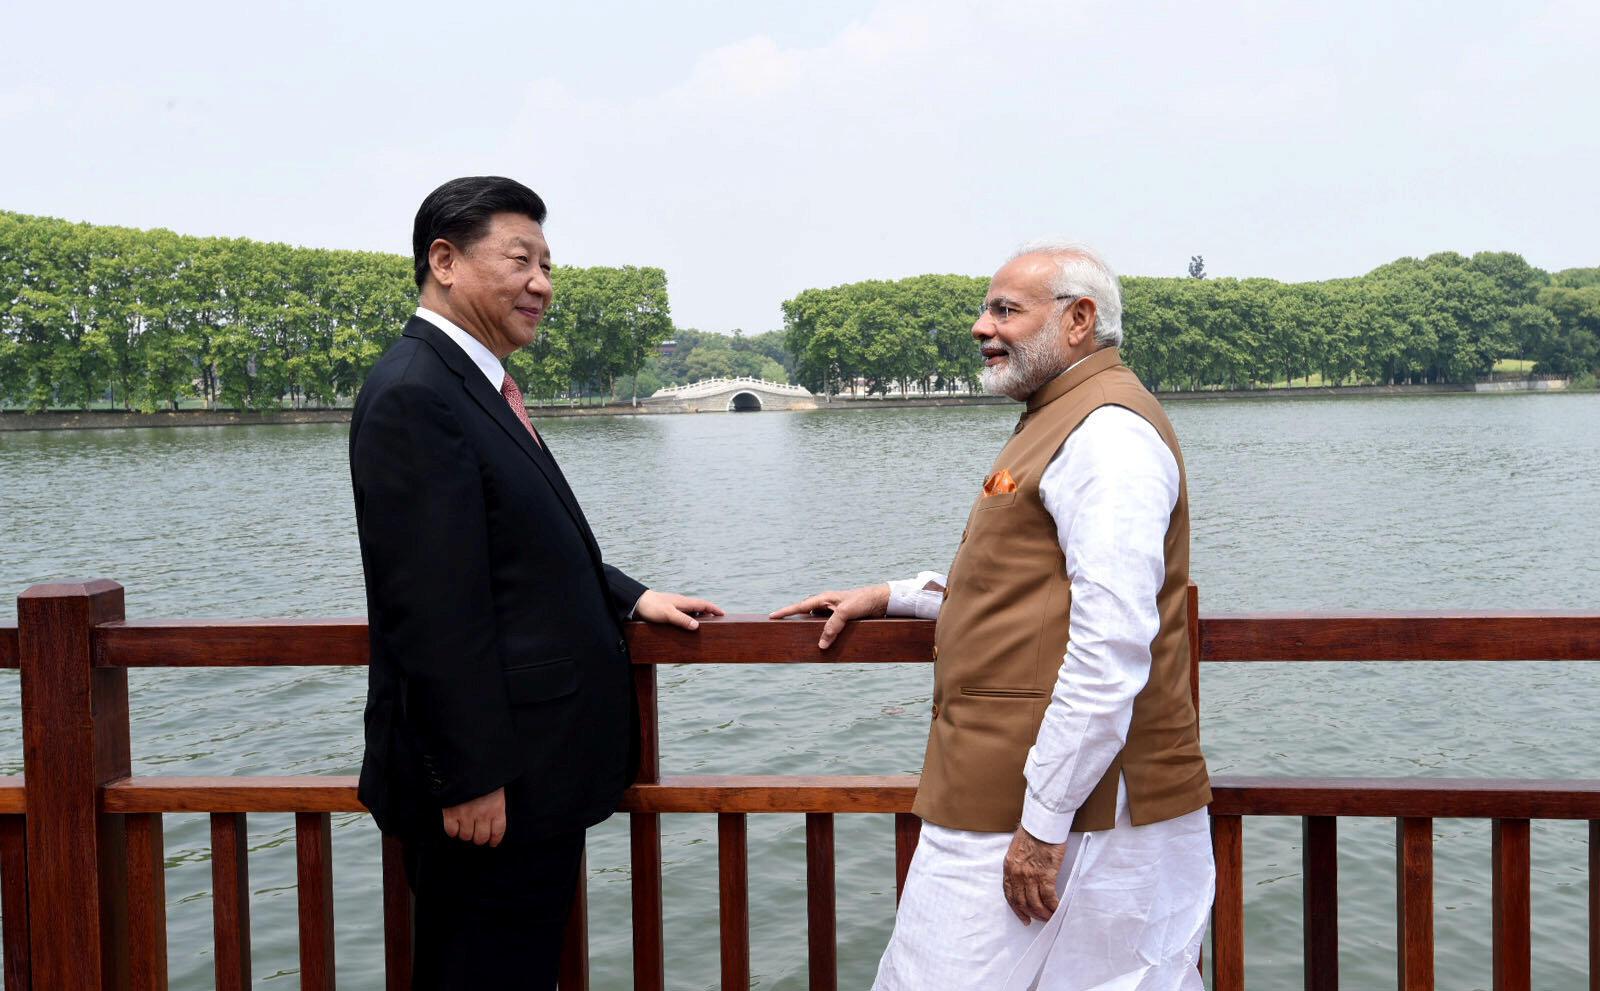 Chủ tịch Trung Quốc Tập Cận Binh và thủ tướng Ấn Độ Narendra Modi tại Vũ Hán, Trung Quốc, ngày 28/04/2018.